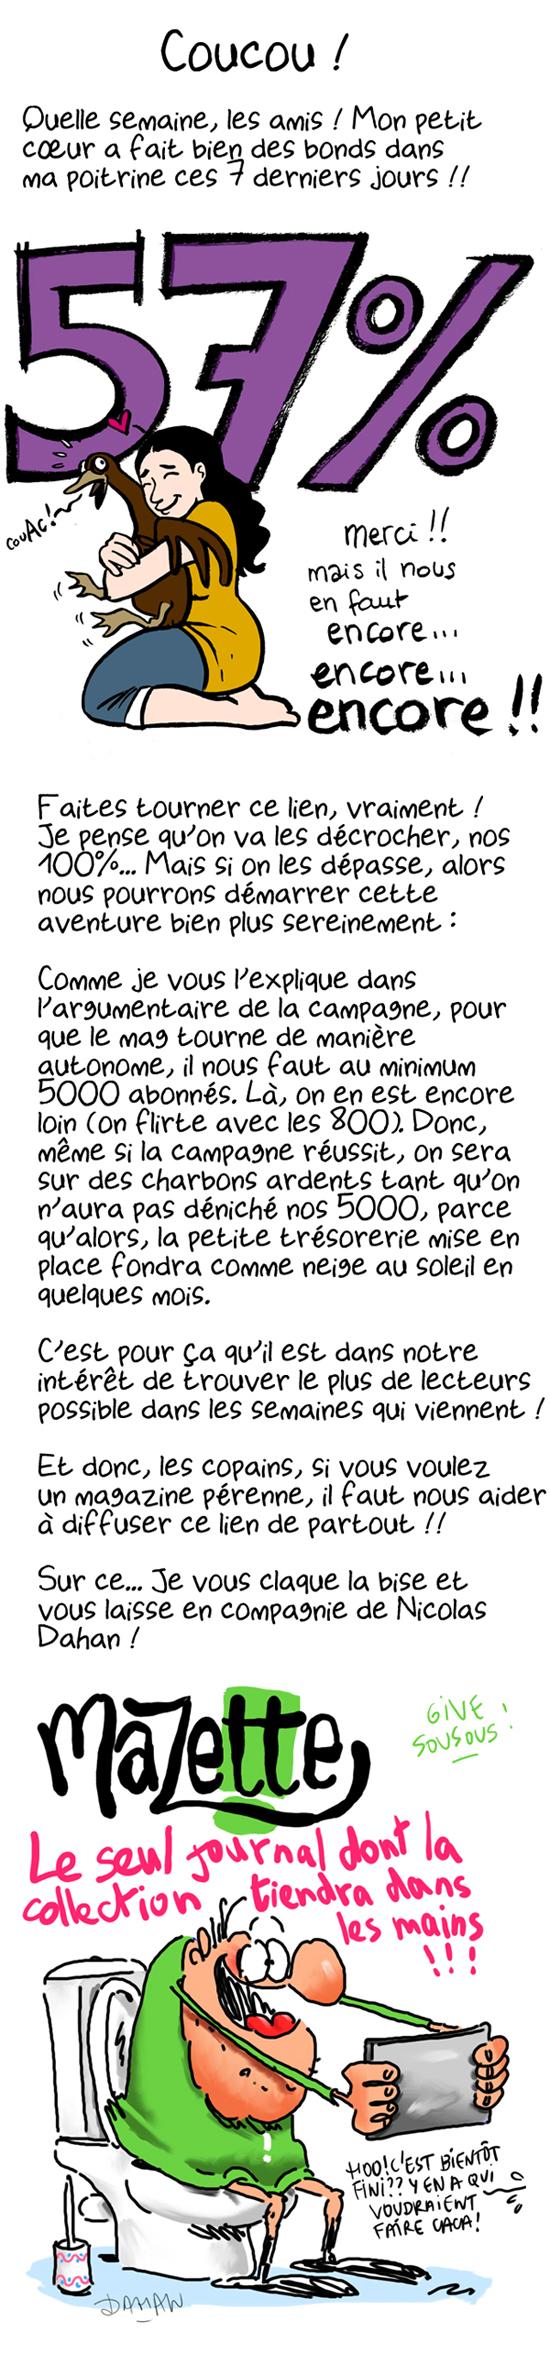 http://melaka.free.fr/blog/2esemaine.jpg